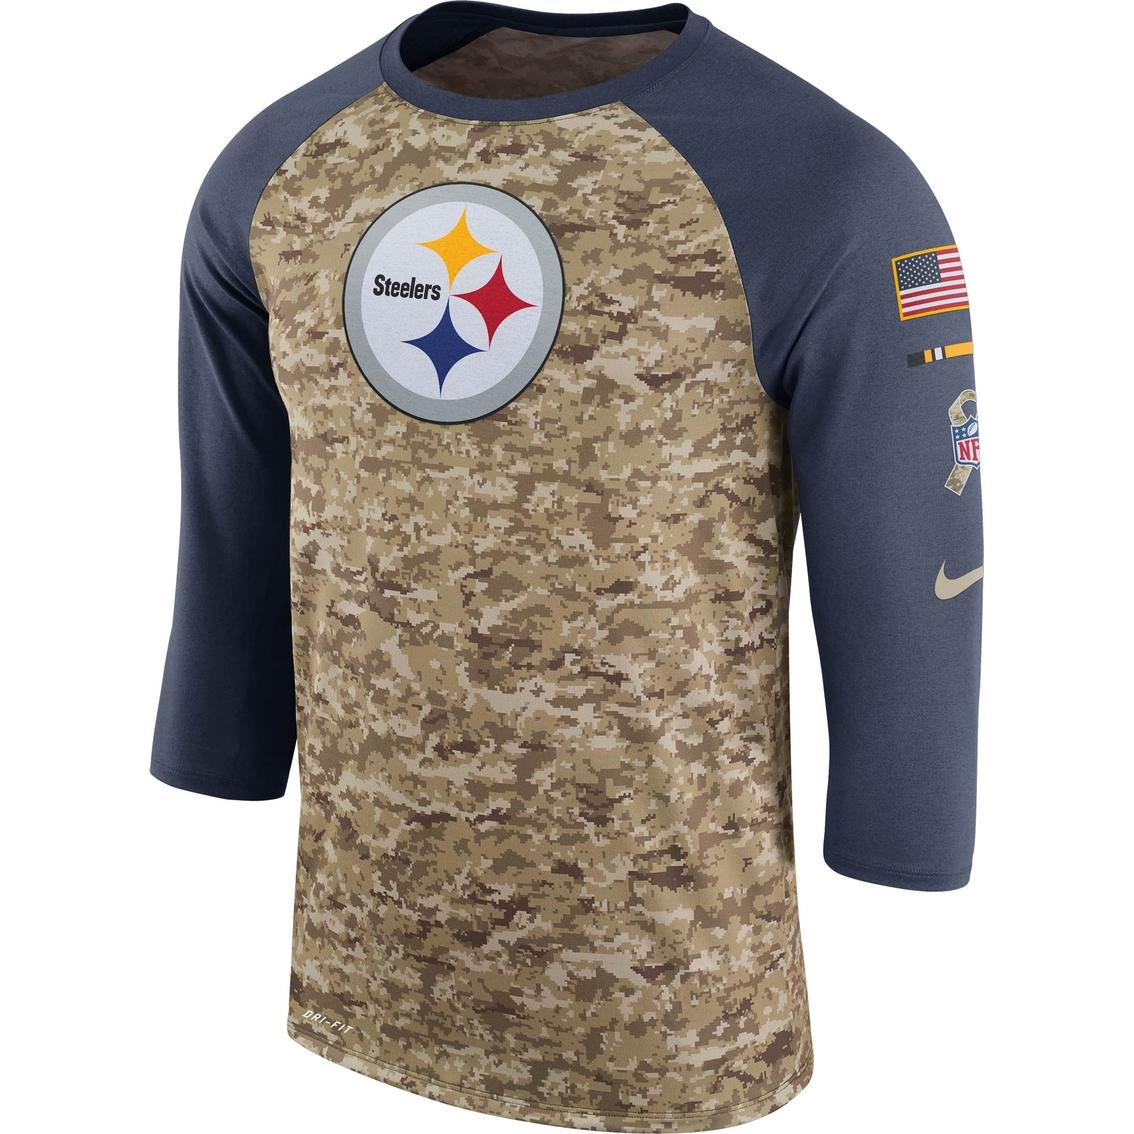 buy online 29a02 9a3ee Nike Nfl Pittsburgh Steelers Salute To Service Raglan Tee ...